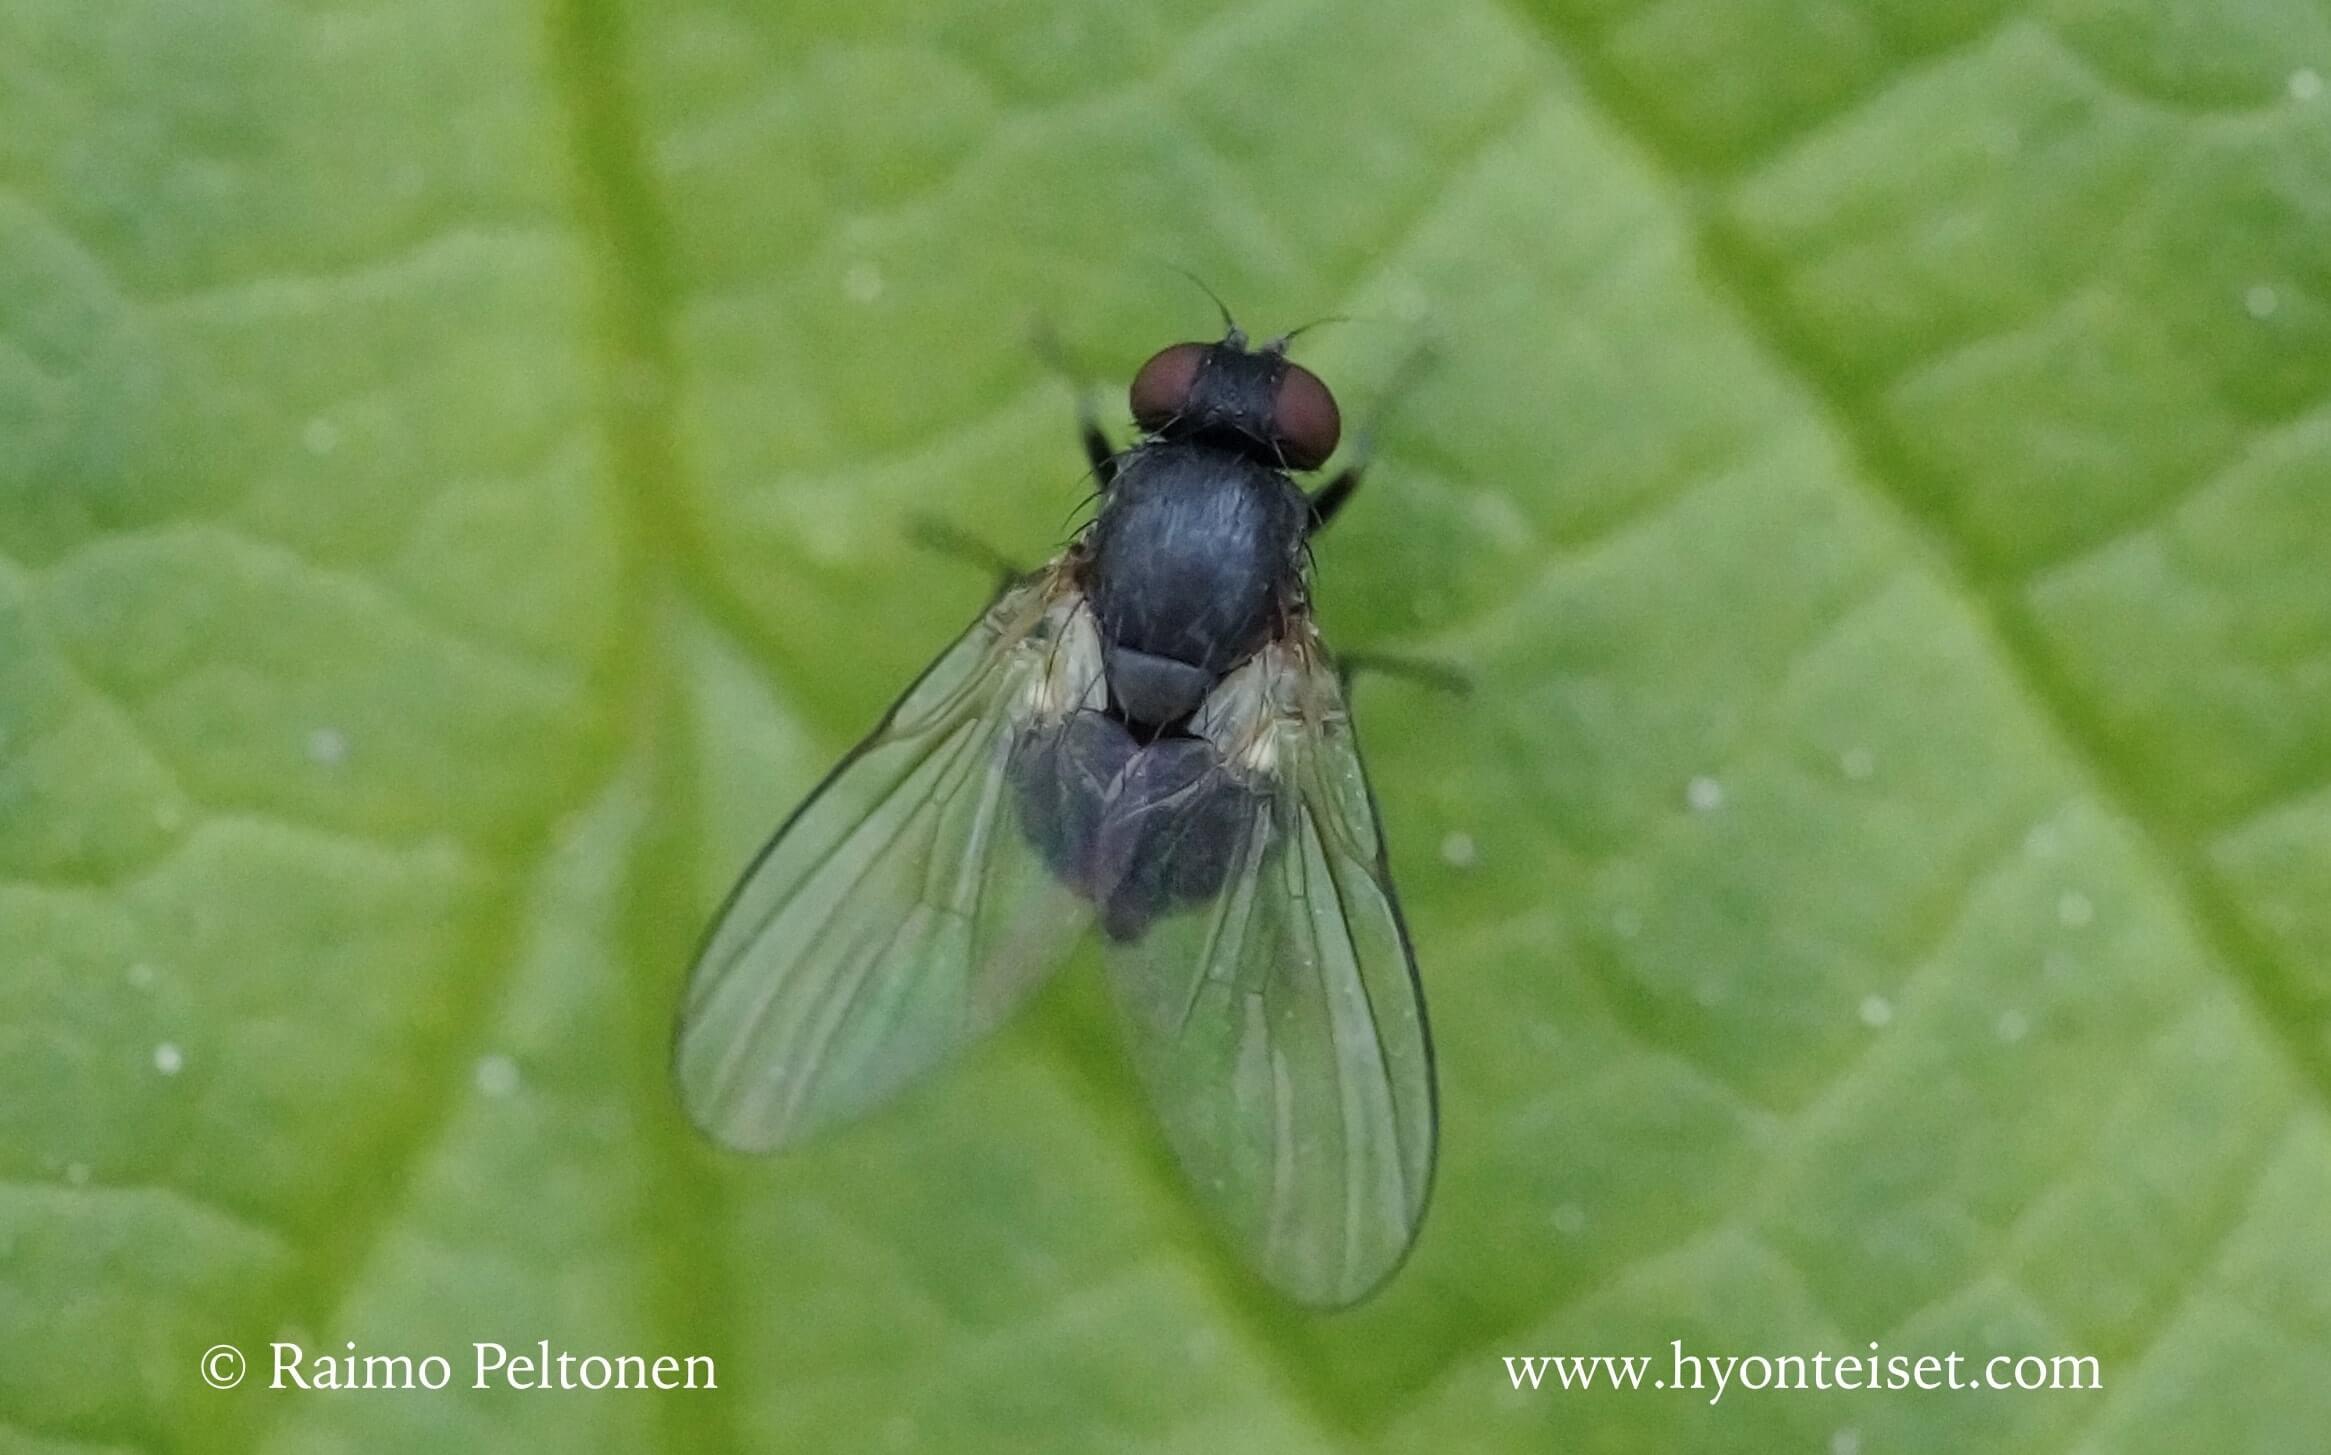 Agromyza sp. (det. Kaj Winqvist)